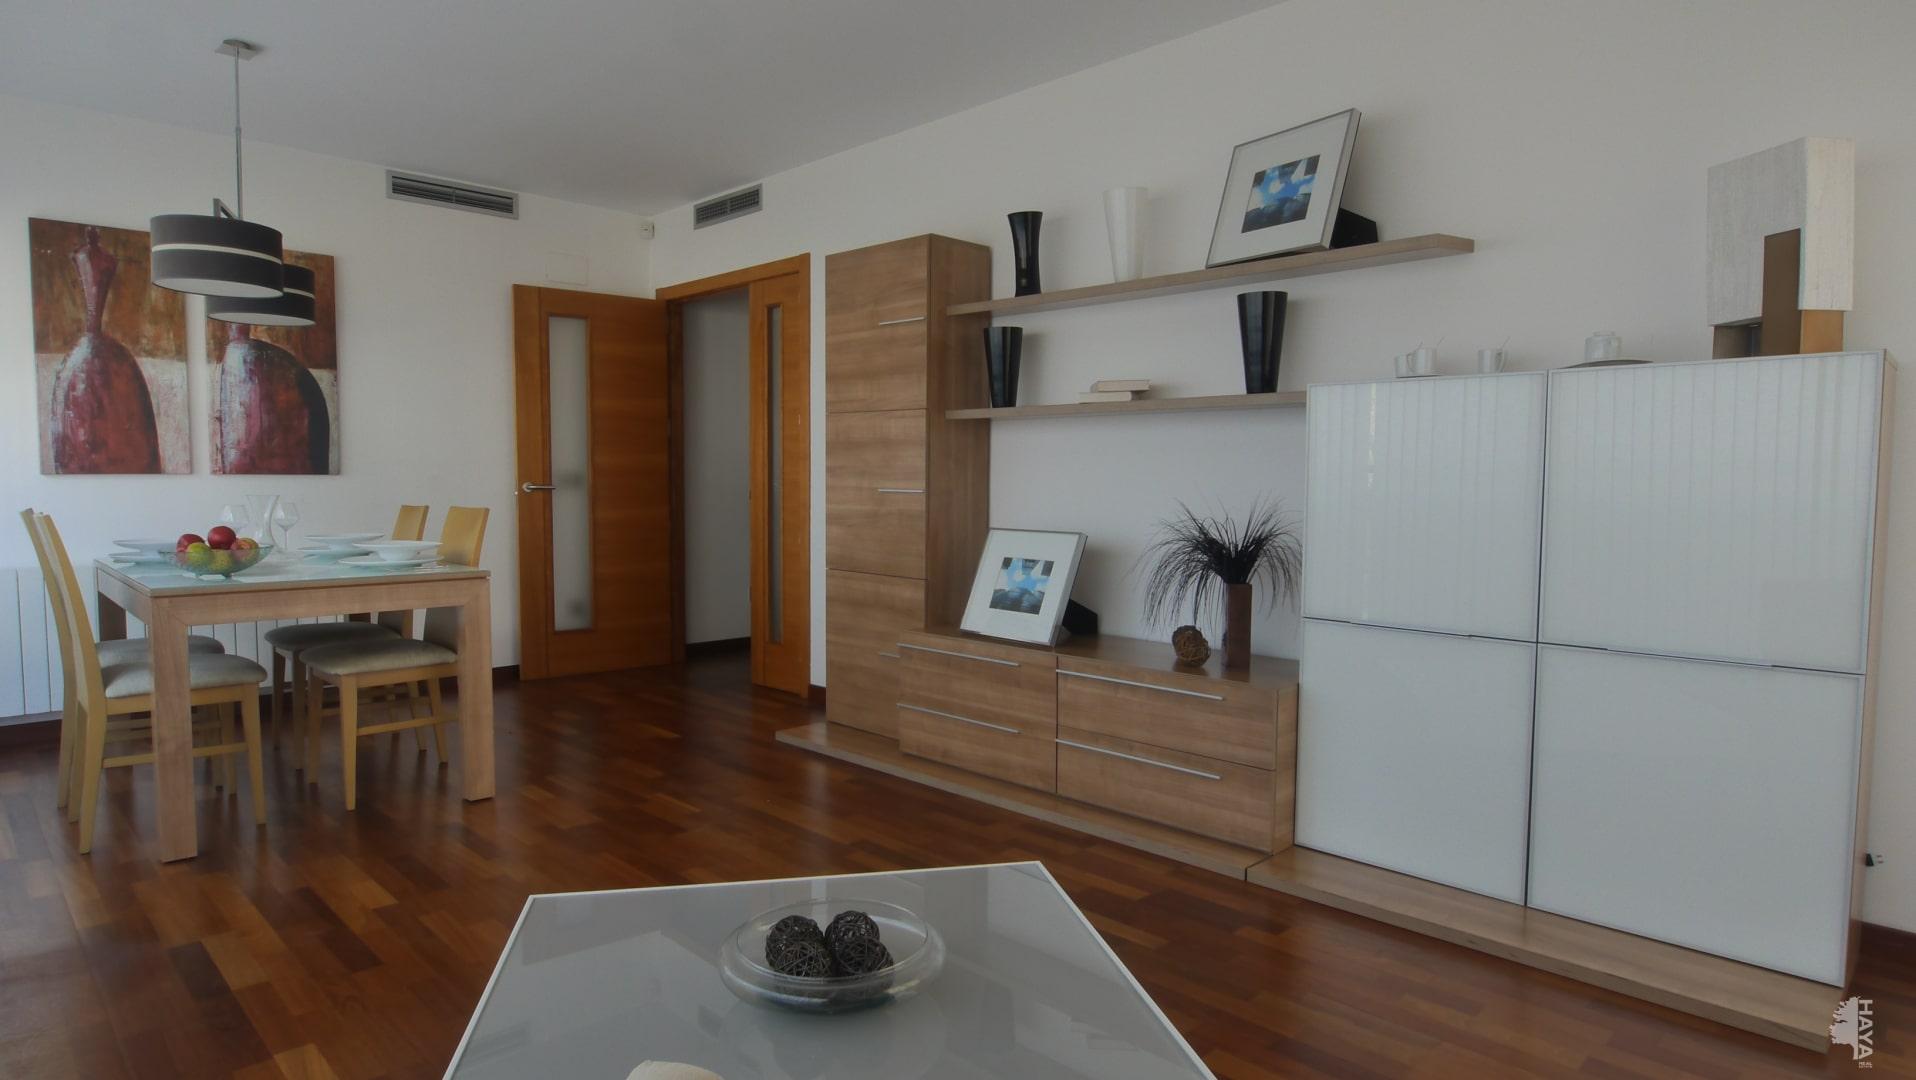 Piso en venta en Castellón de la Plana/castelló de la Plana, Castellón, Avenida Villarreal, 102.000 €, 1 habitación, 1 baño, 55 m2